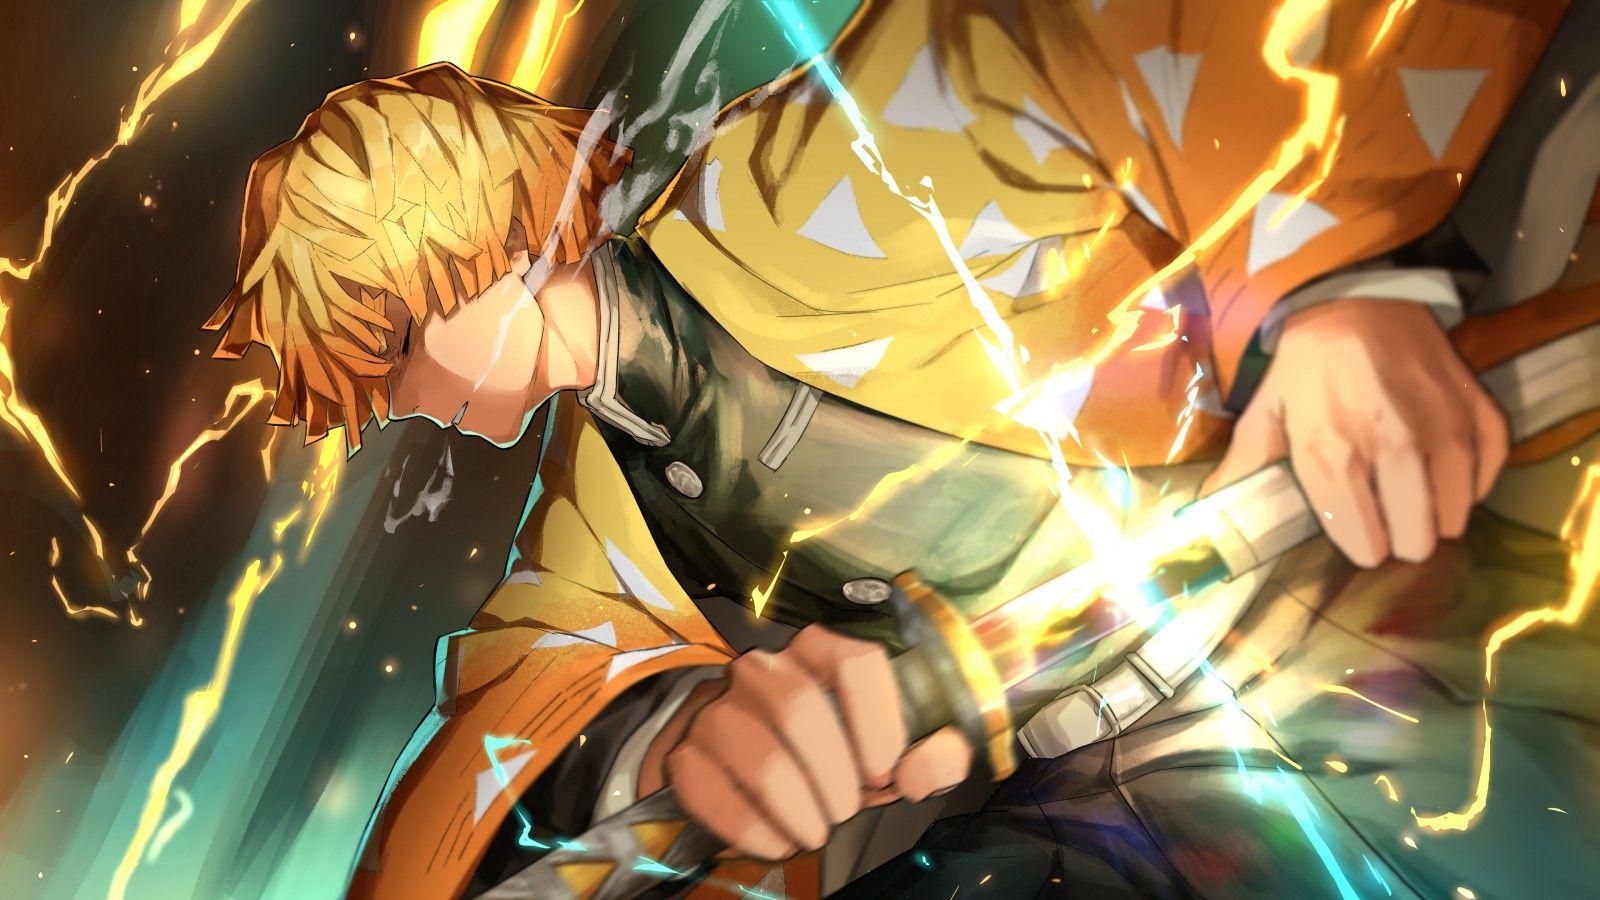 2020 02 01 In 2020 Anime Anime Demon Slayer Anime